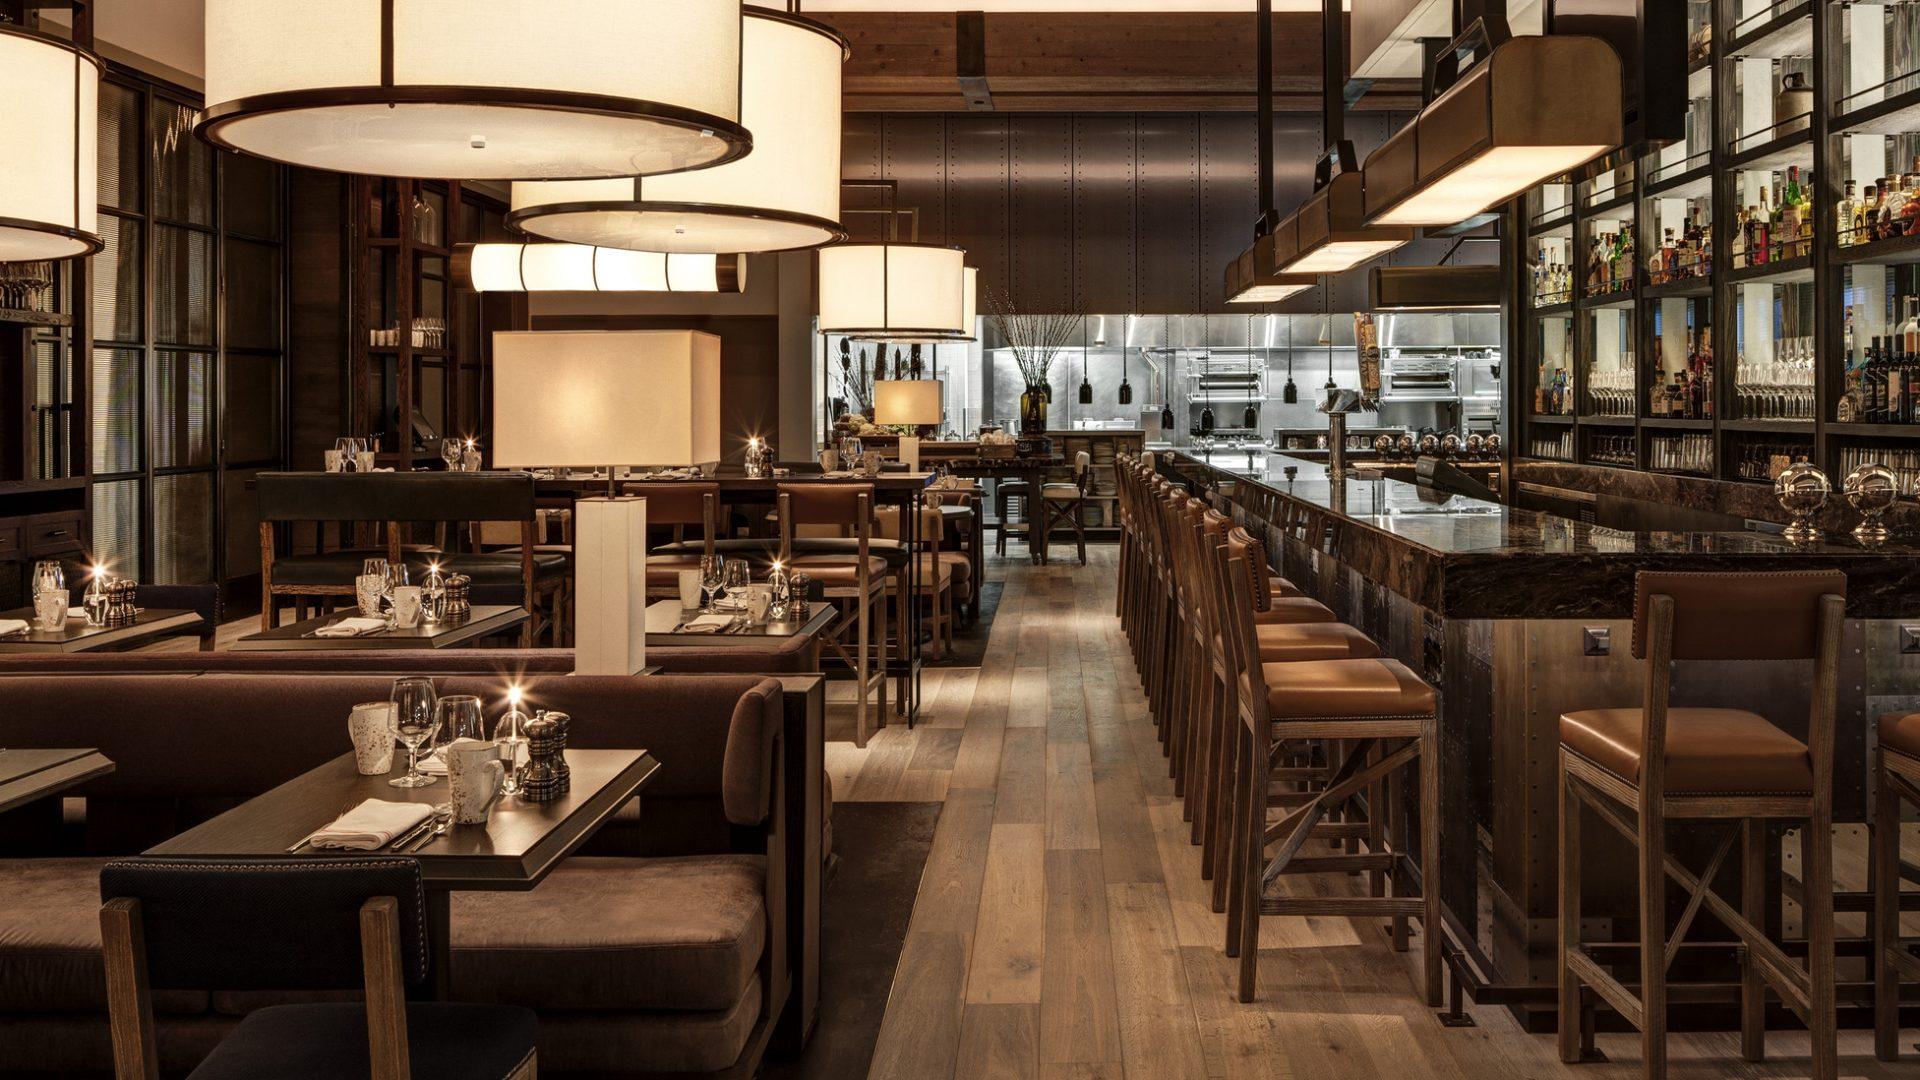 Bank bourbon restaurant lowes philadelphia hotel